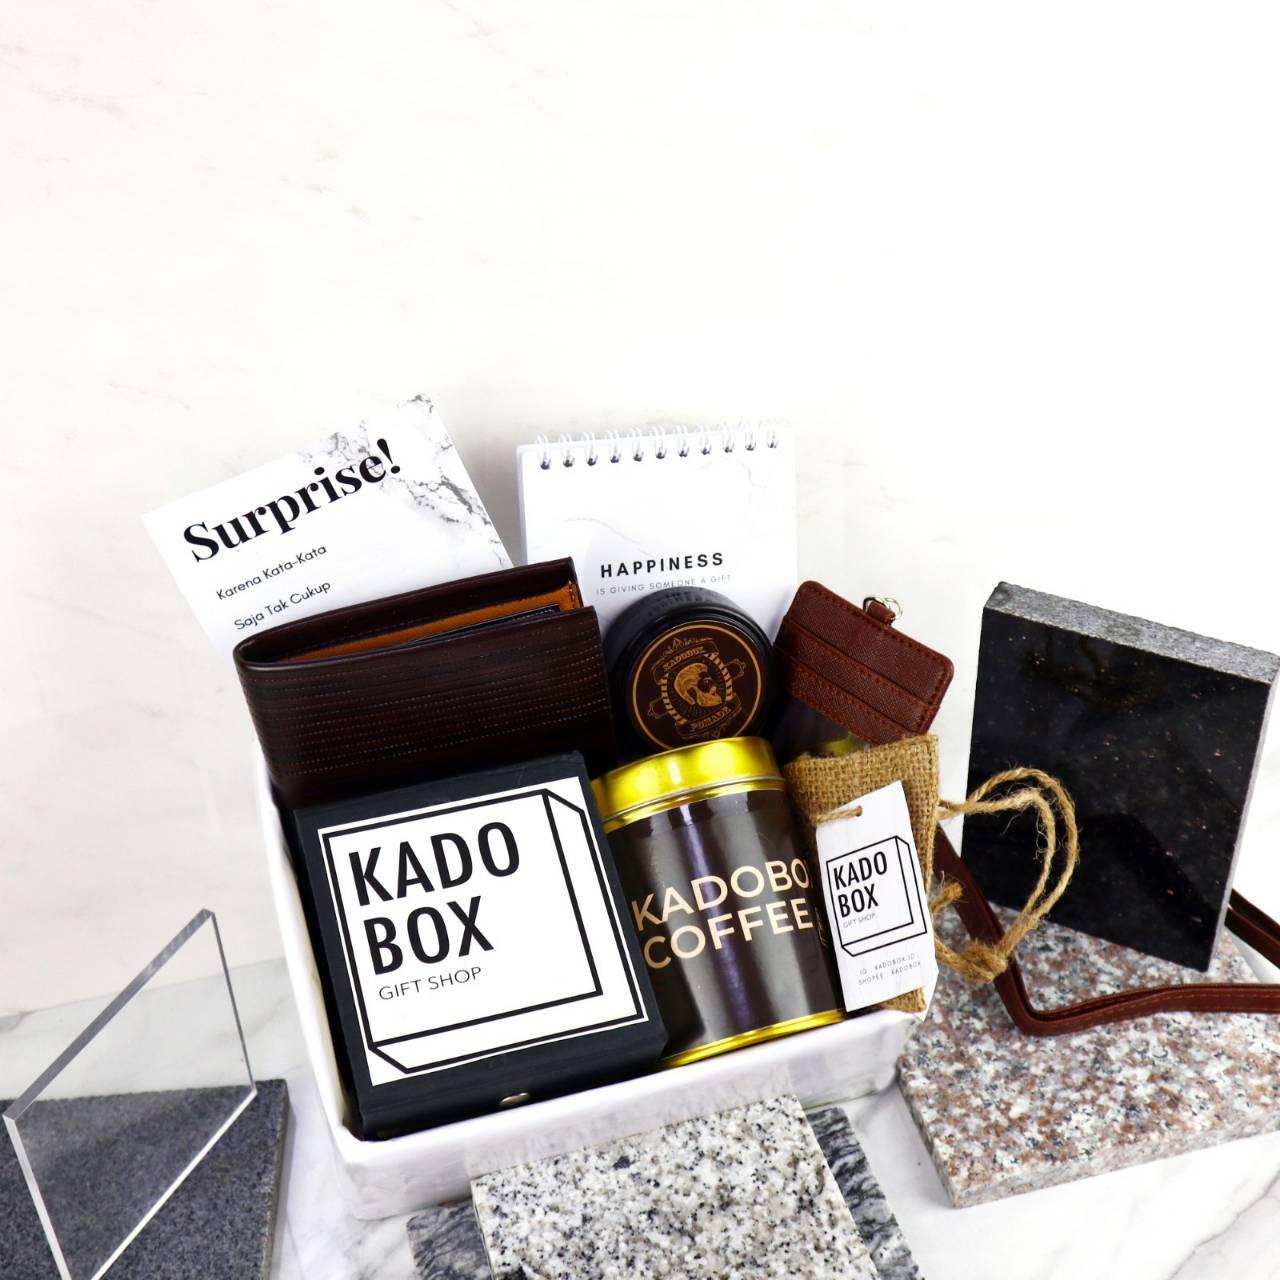 Kadobox For Him www.Kadobox.id Kado Hampers Cowok Hadiah Pria Suami Jakarta 6